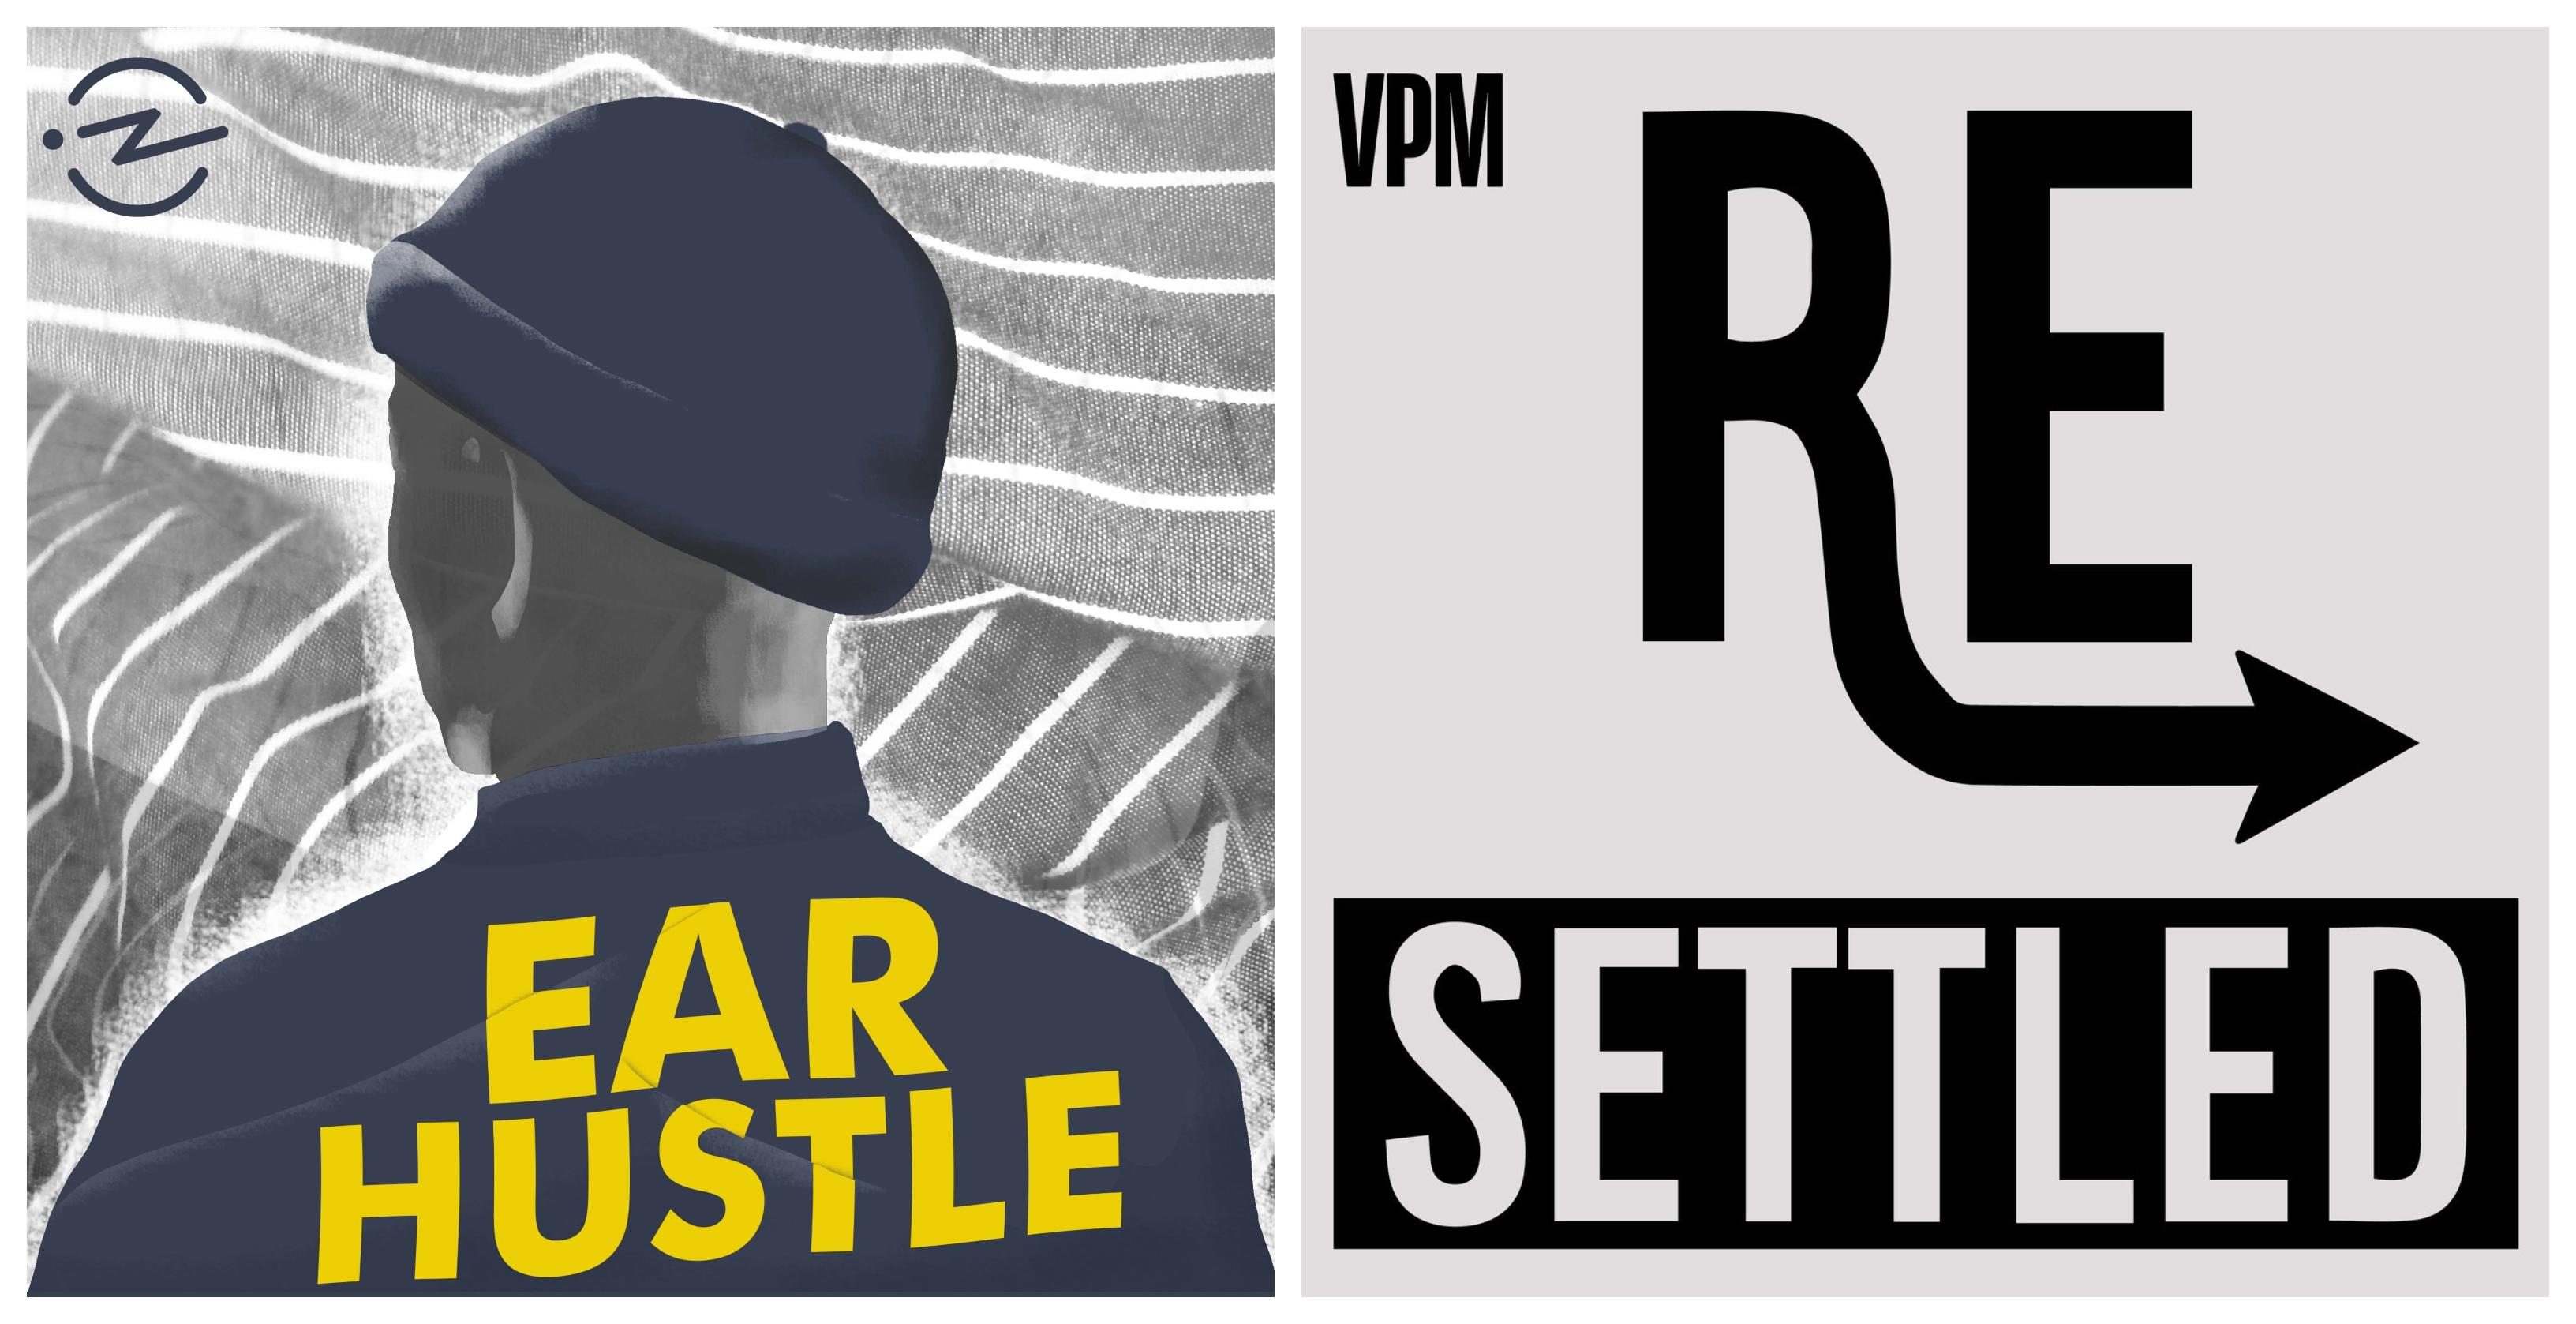 Ear Hustle - Resettled